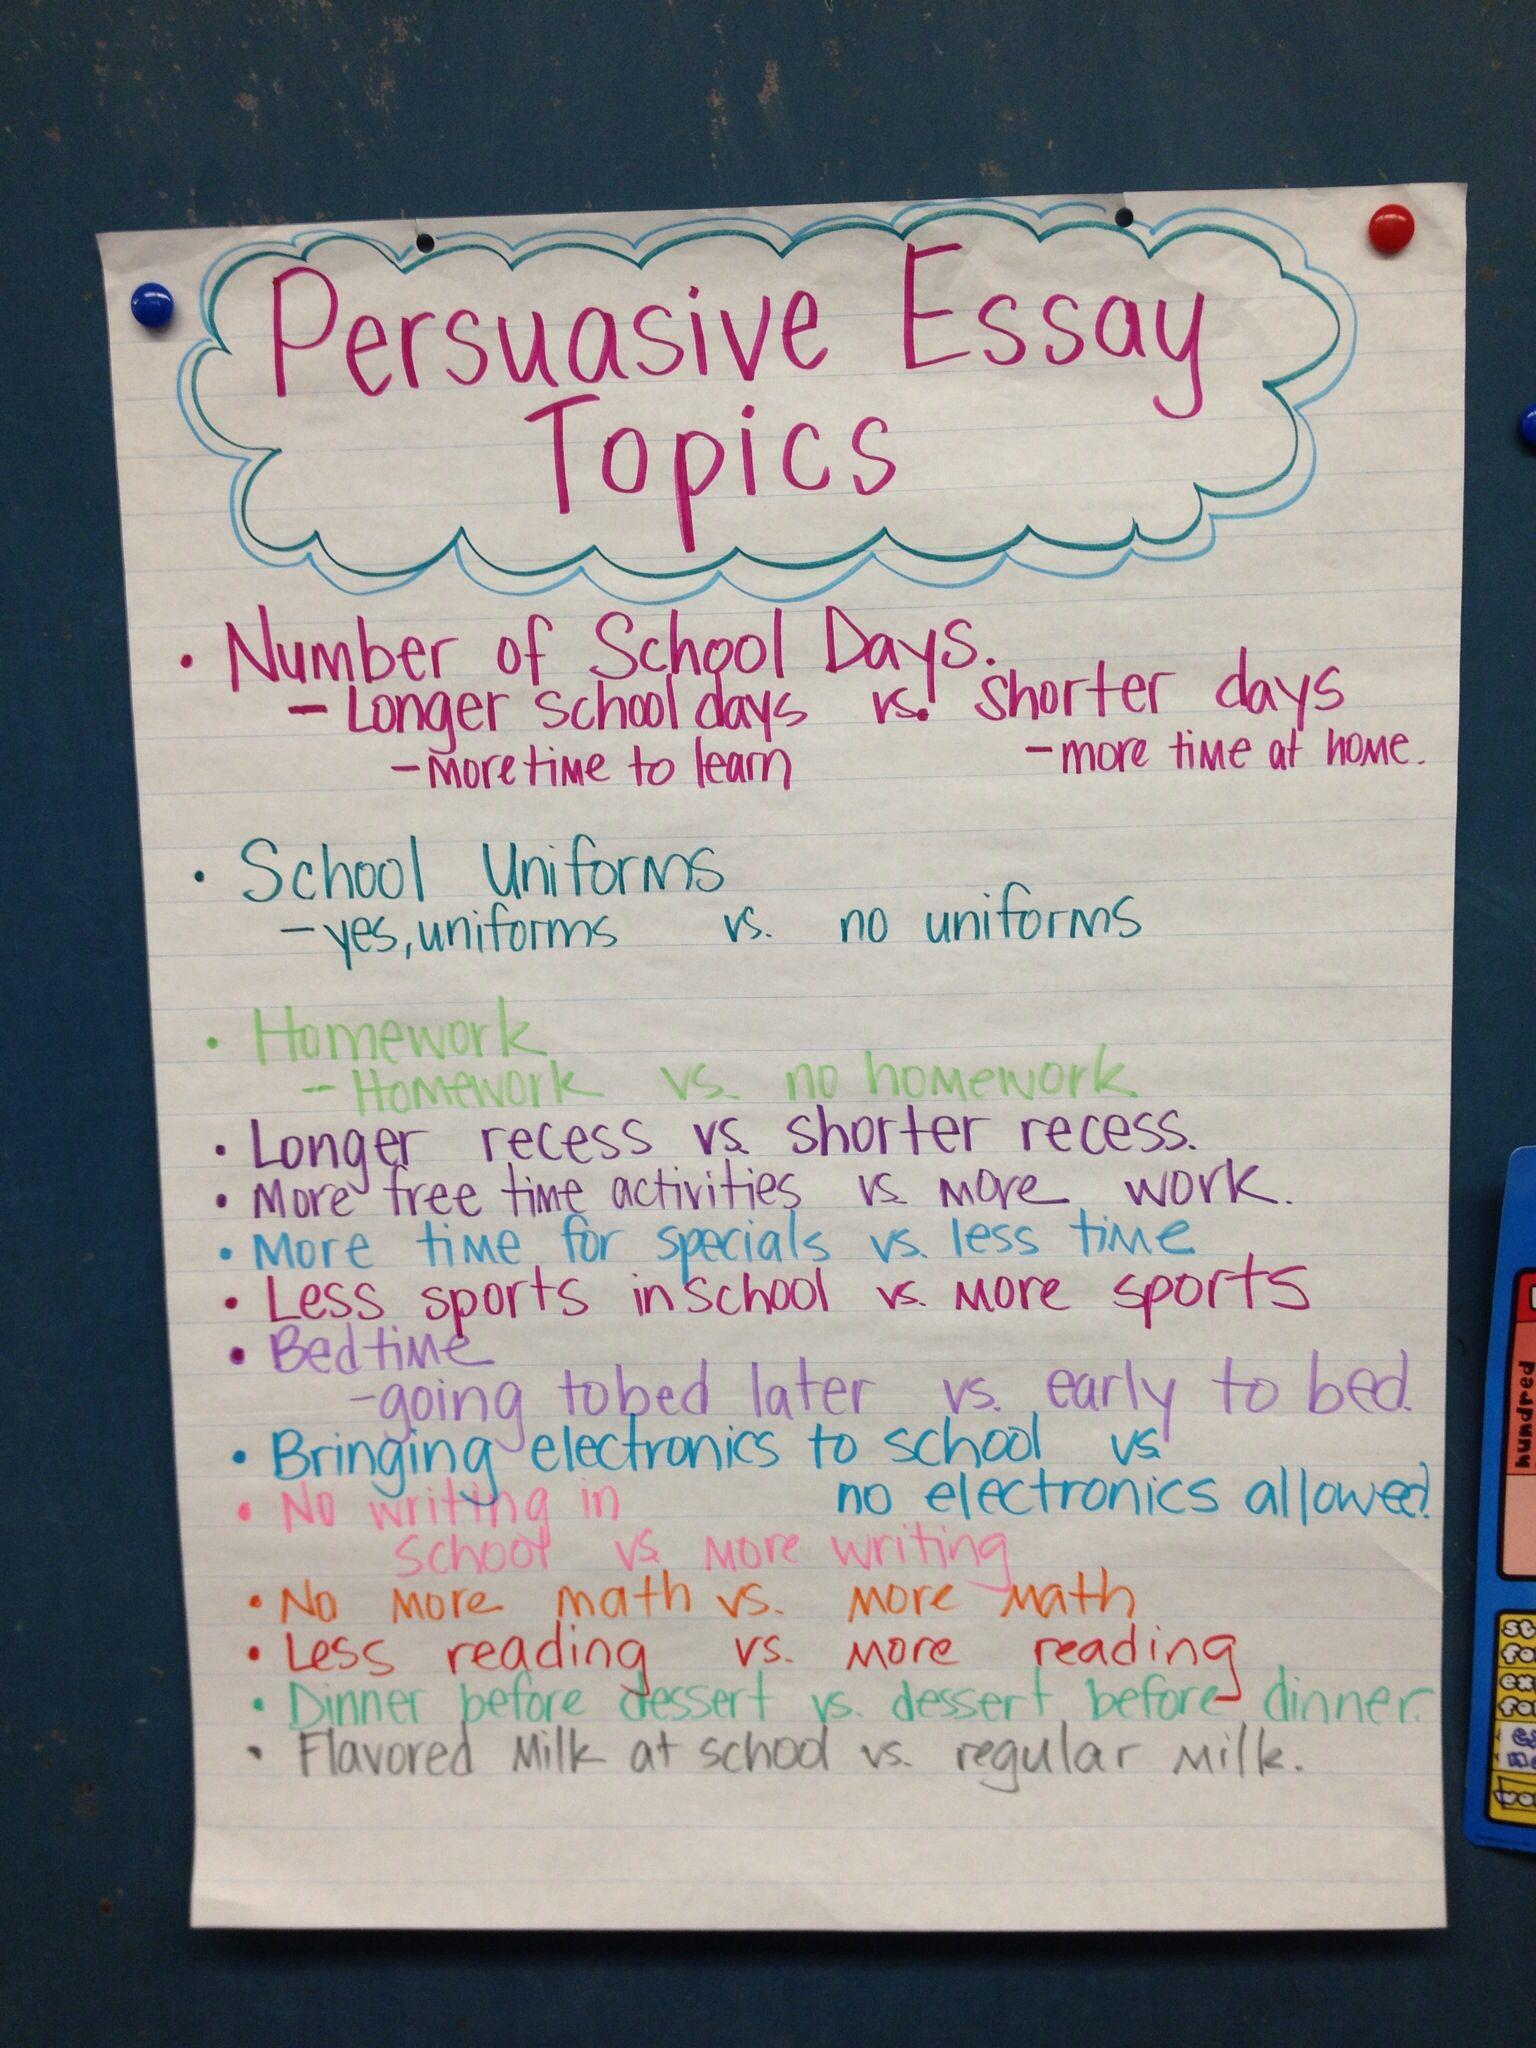 005 Essay Example 6th Grade Argumentative Unique Topics Sixth 6 Writing Prompts Full